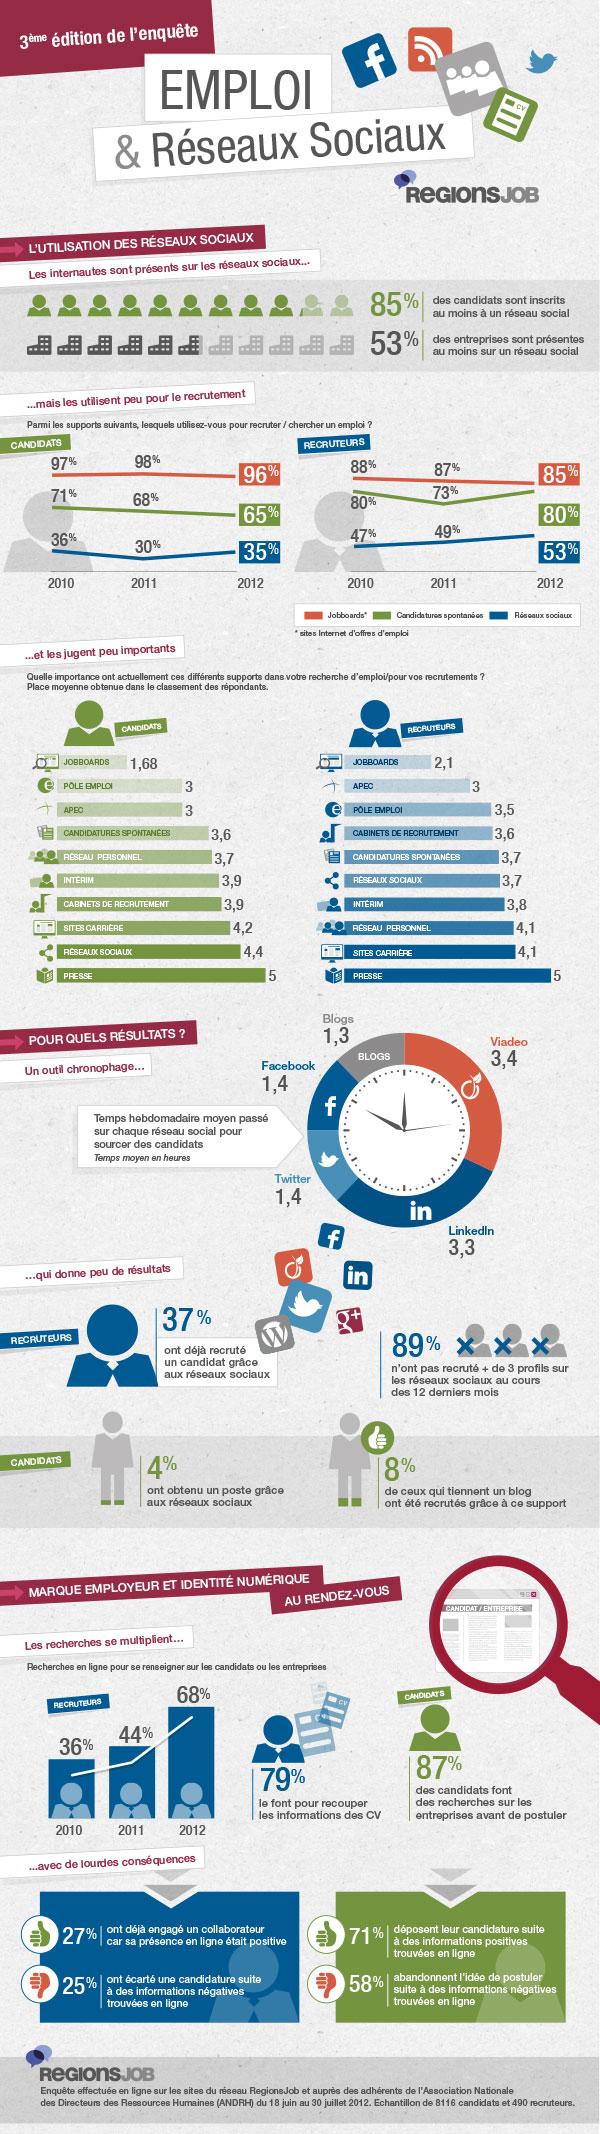 Emploi et réseaux sociaux en France